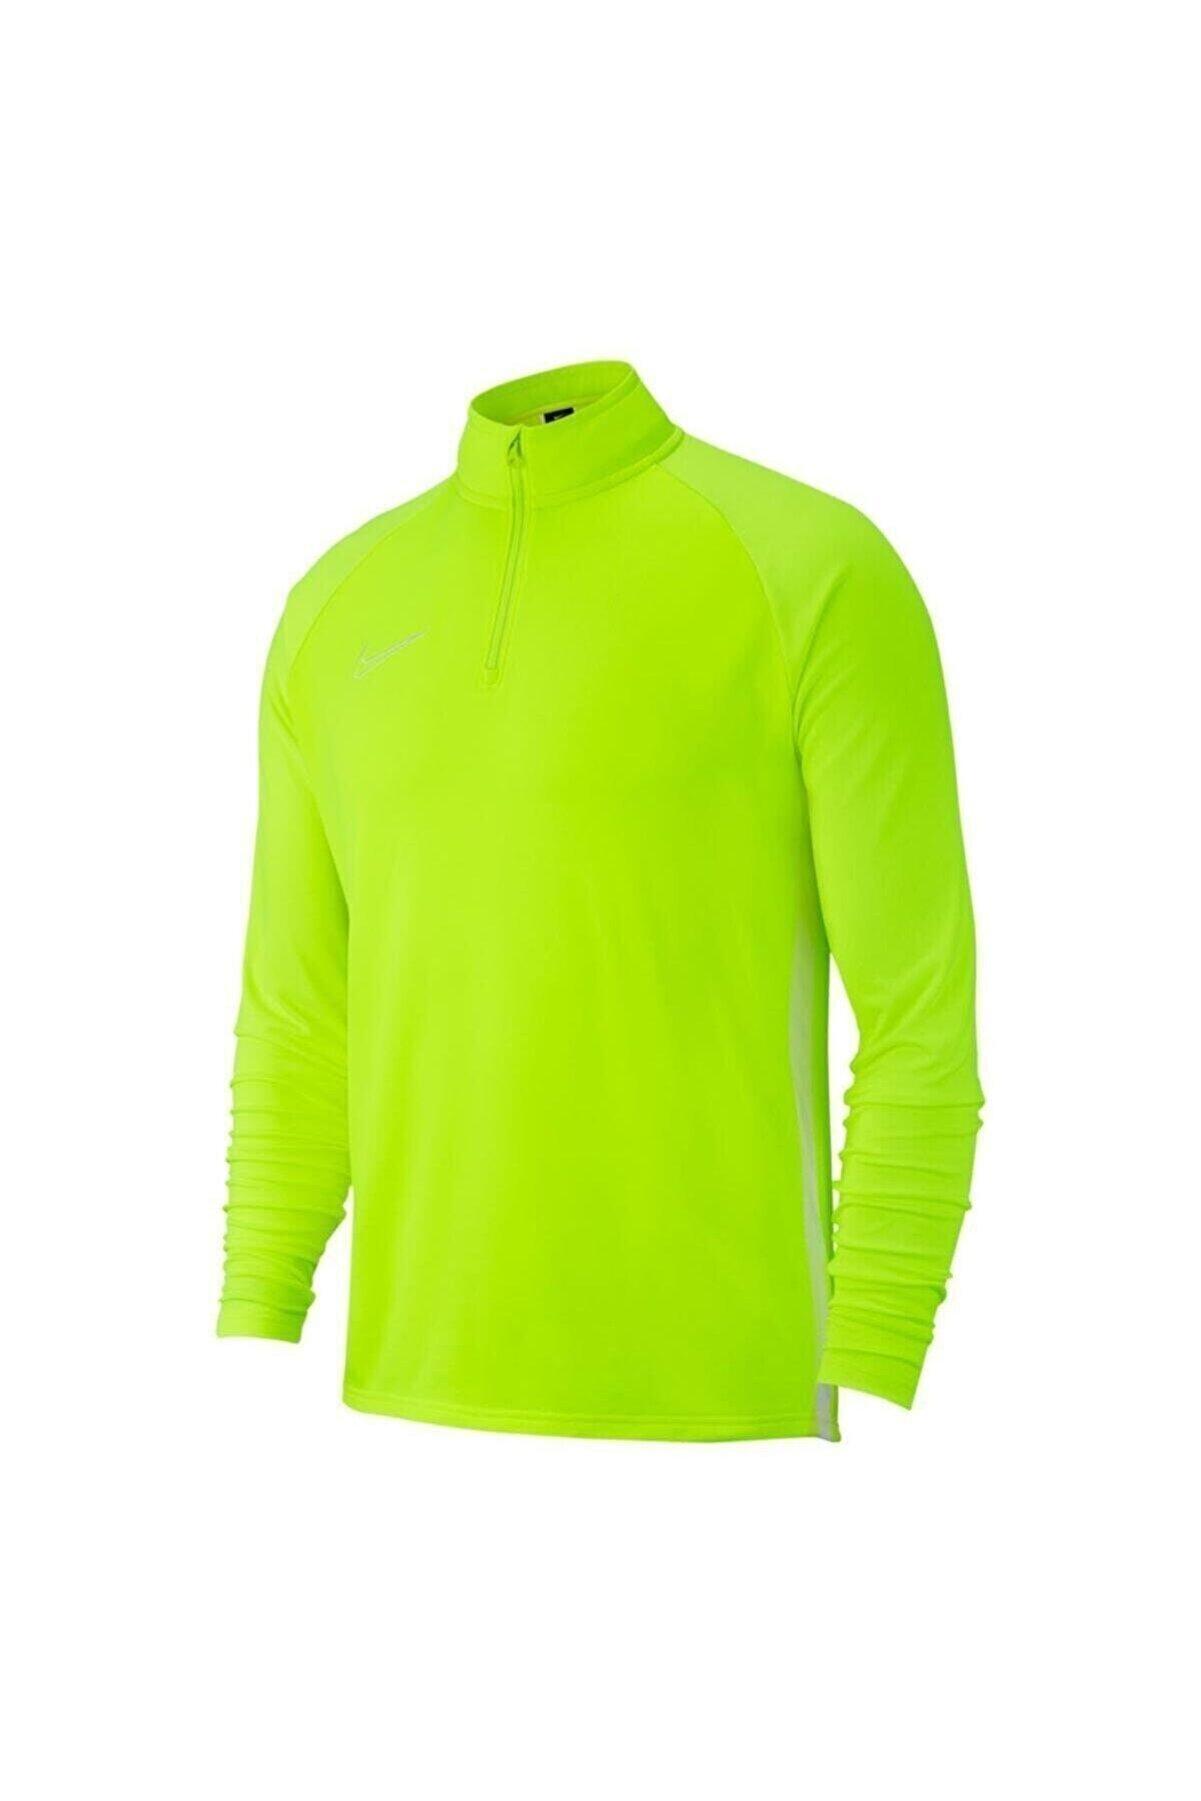 Nike Academy 19 Aj9094-702 Erkek Sweatshirt